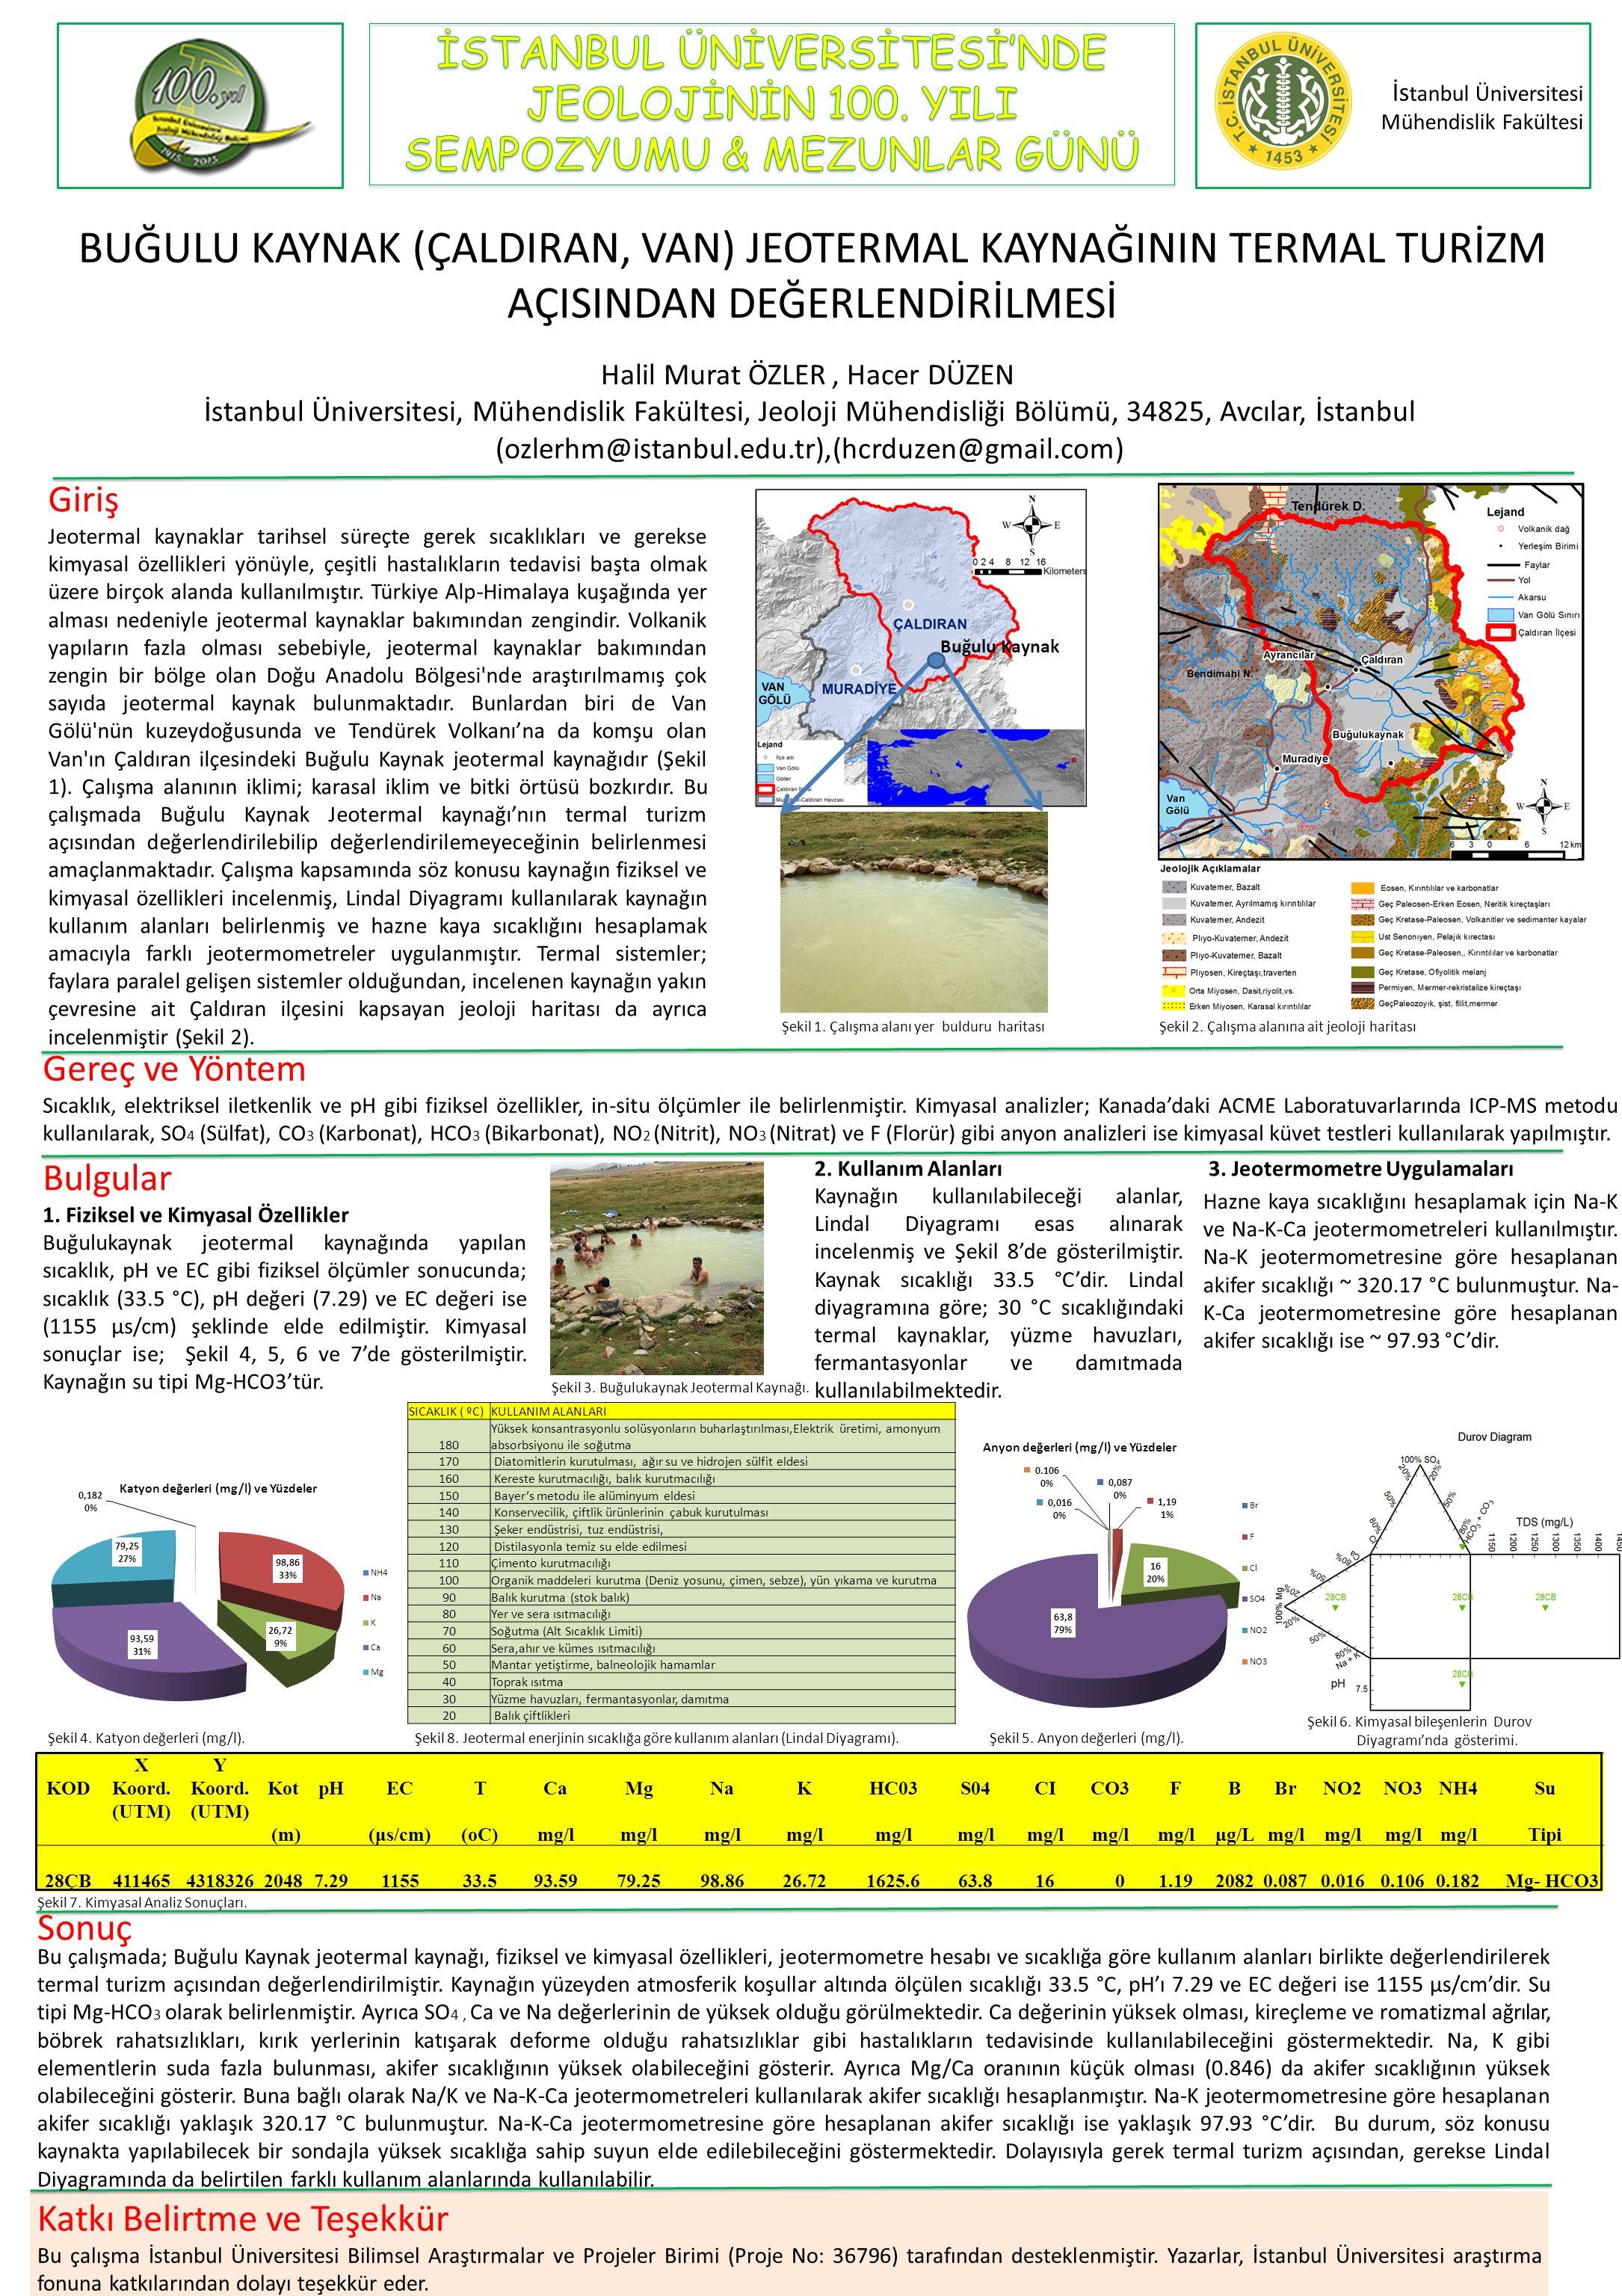 İs tanbul Üniversitesi Mühendislik Fakültesi Halil Murat ÖZLER, Hacer DÜZEN İstanbul Üniversitesi, Mühendislik Fakültesi, Jeoloji Mühendisliği Bölümü,